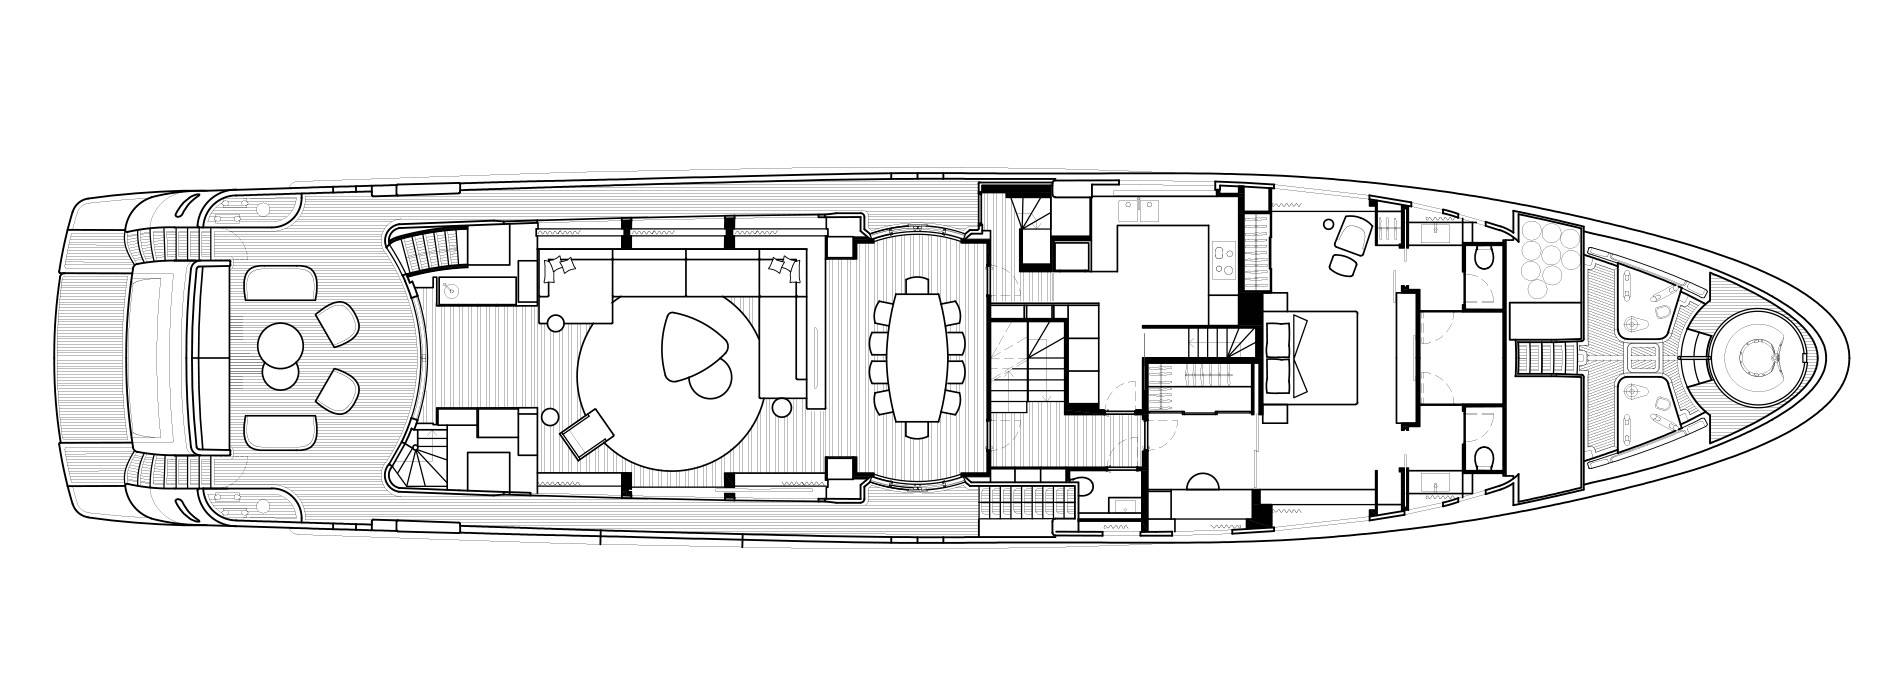 Sanlorenzo Yachts SD126 Main deck